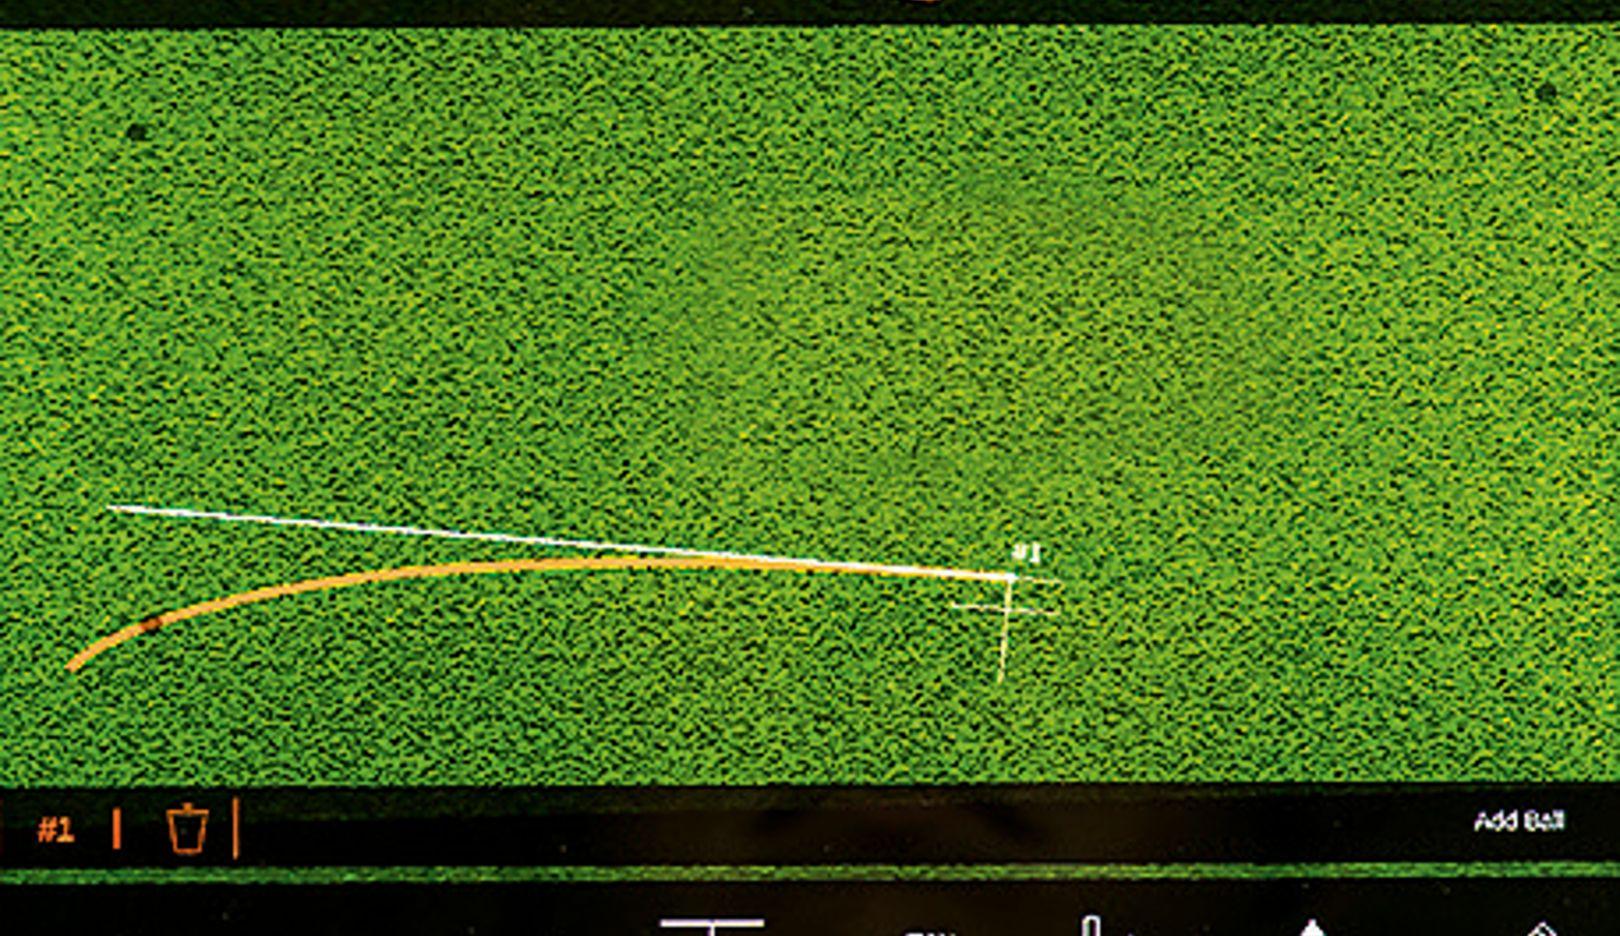 Puttview : Ce système indique au golfeur chaussé de lunettes de réalité augmentée la trajectoire idéale pour son putt.